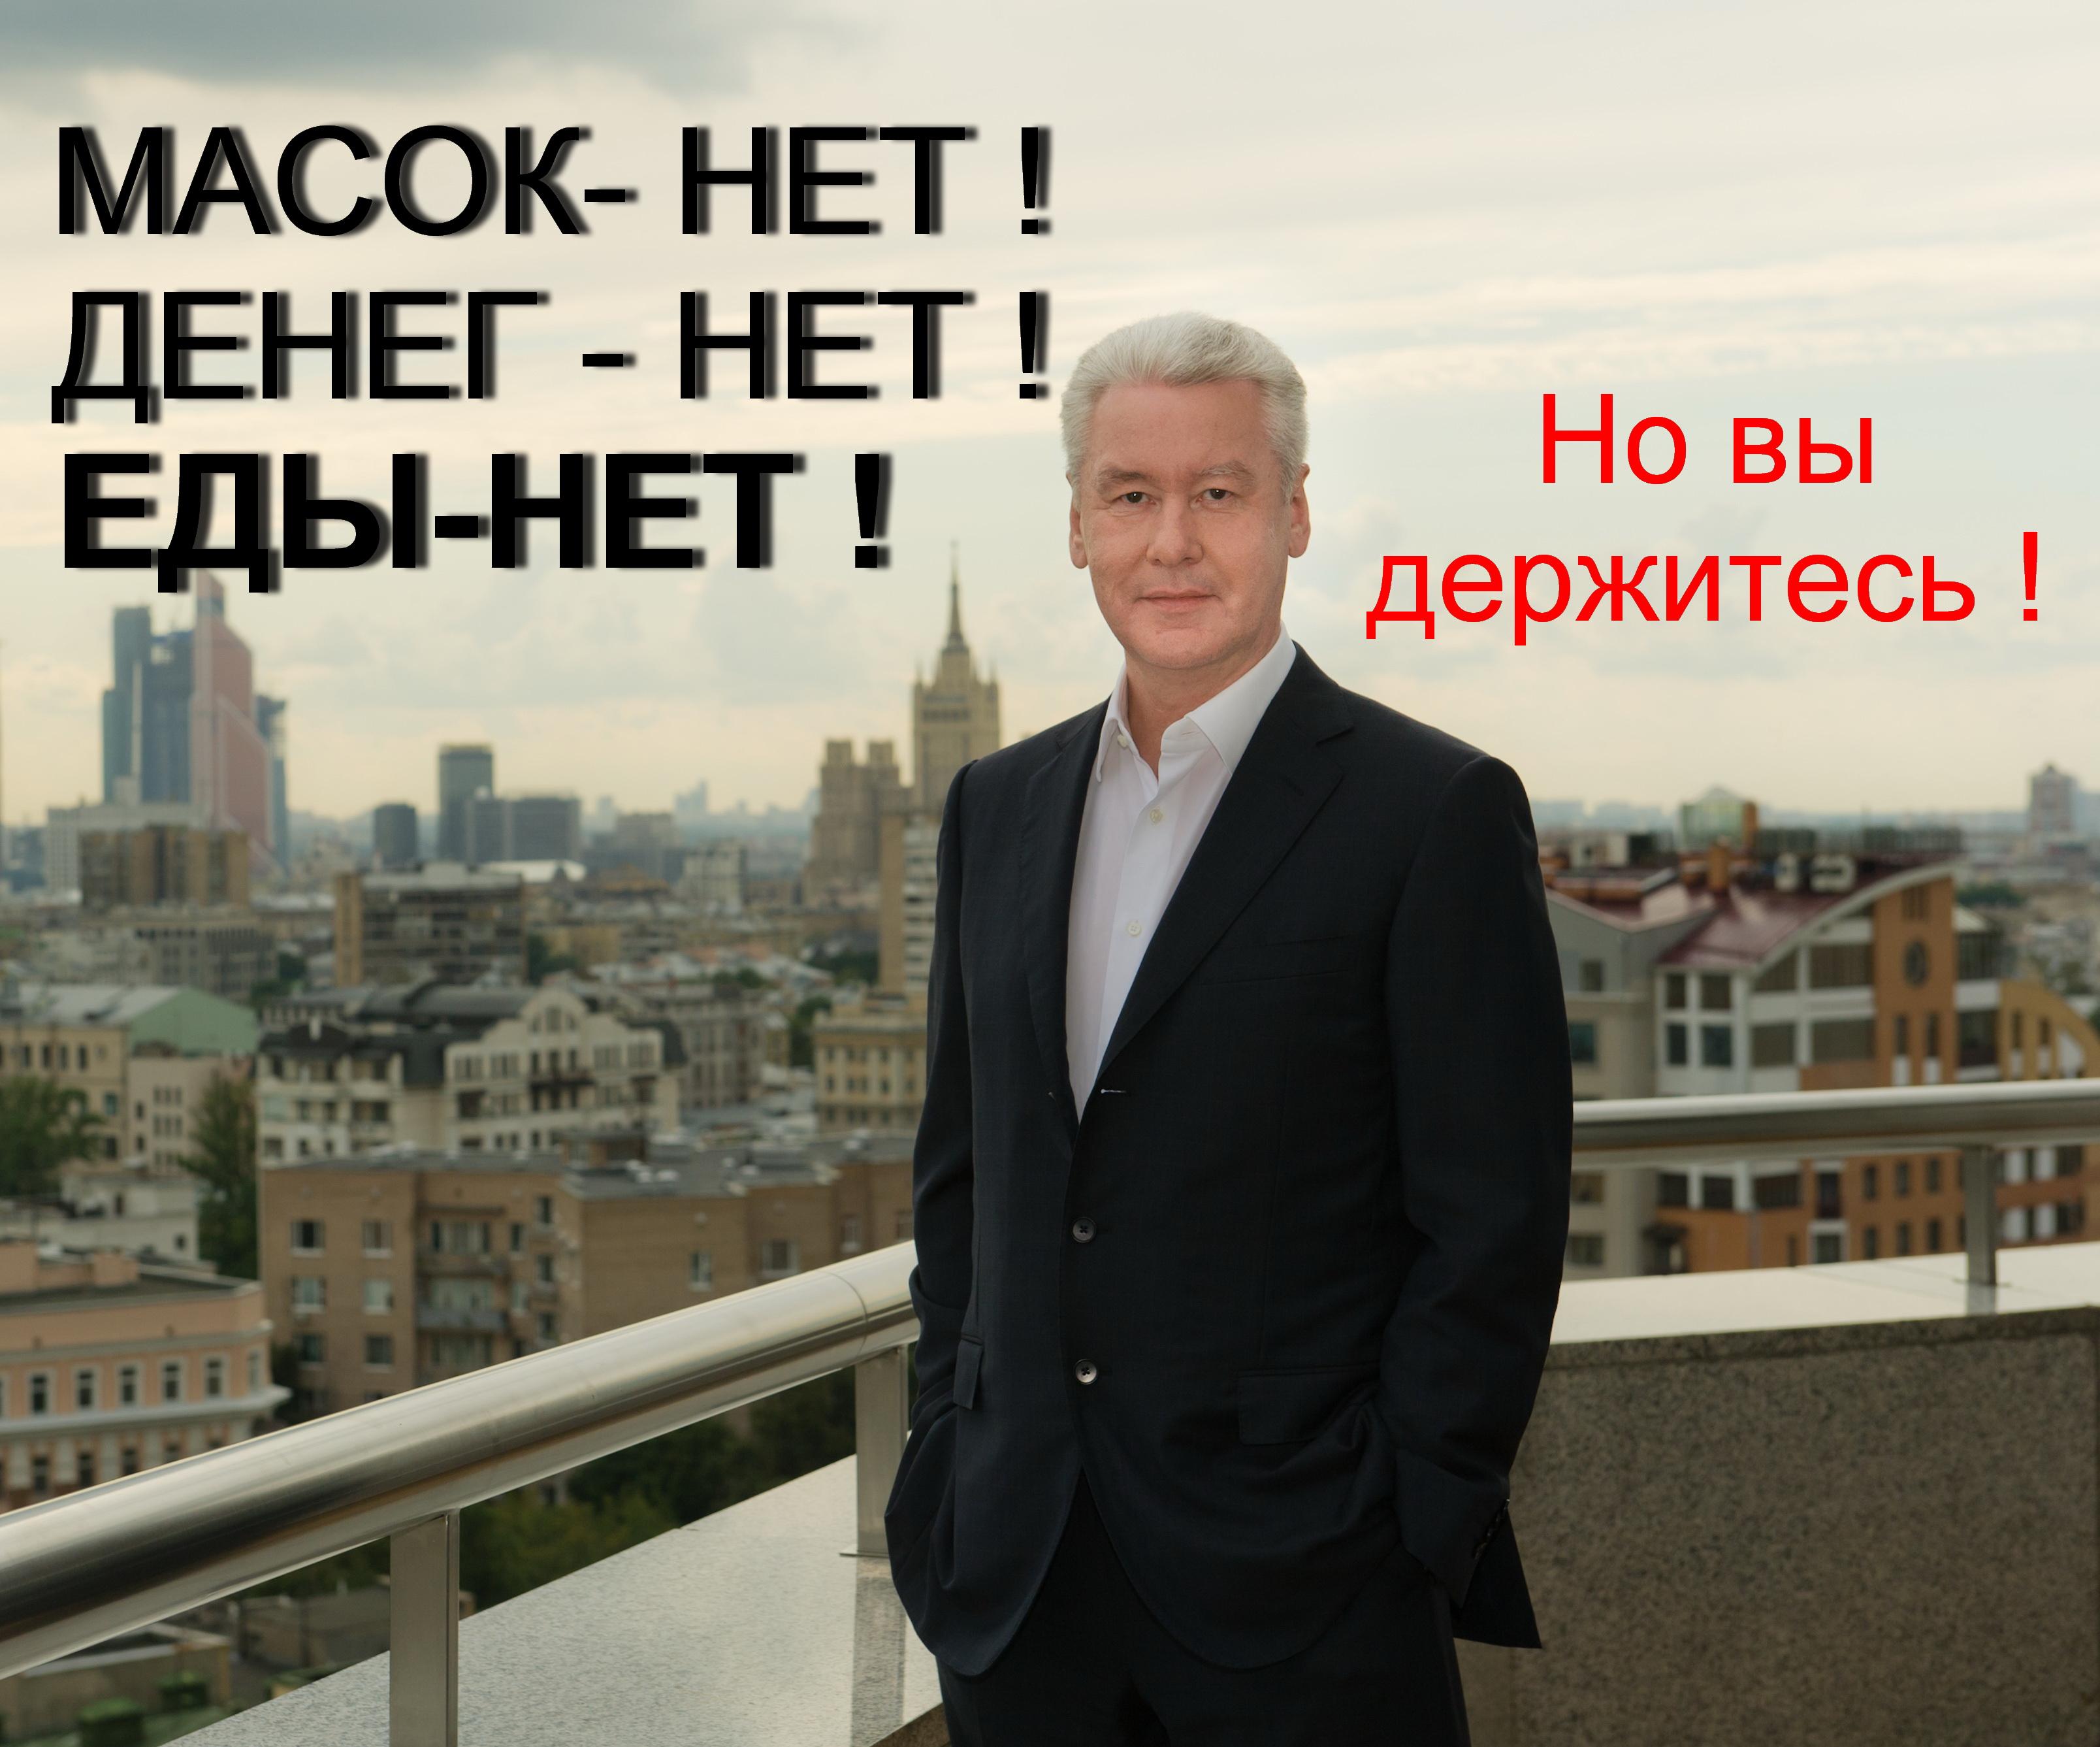 Мэр Сергей Собянин